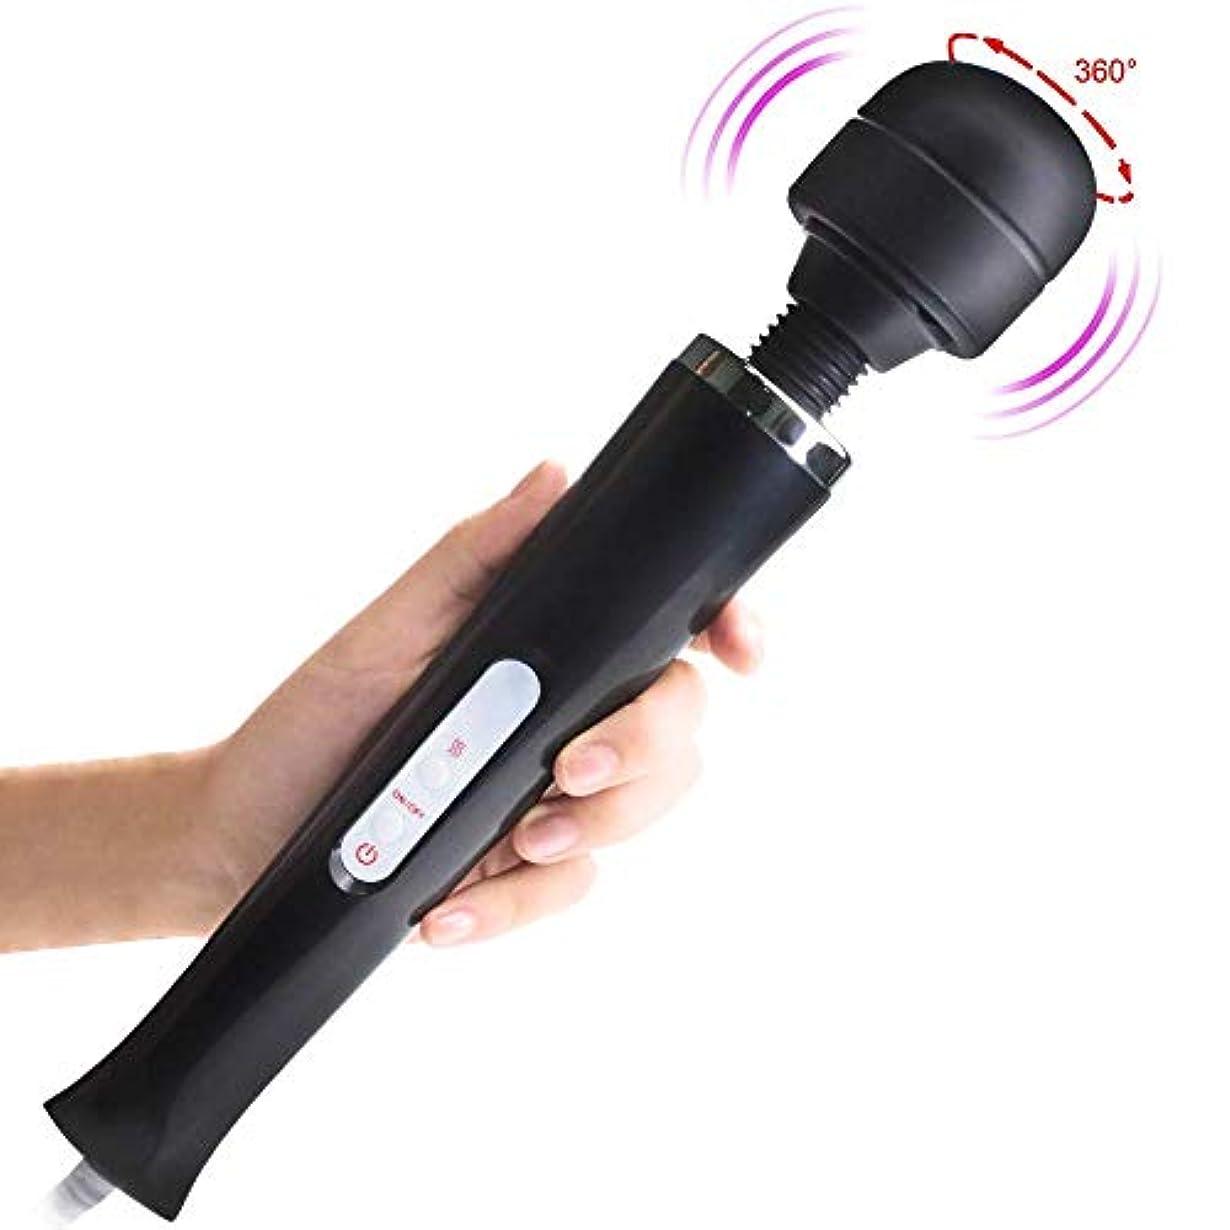 アルバニーメキシコボードピンクの愛 Handheld Magic Wand Massager Multi-Frequency Vibrating Vibrator for Personal Body Massage (Wired)